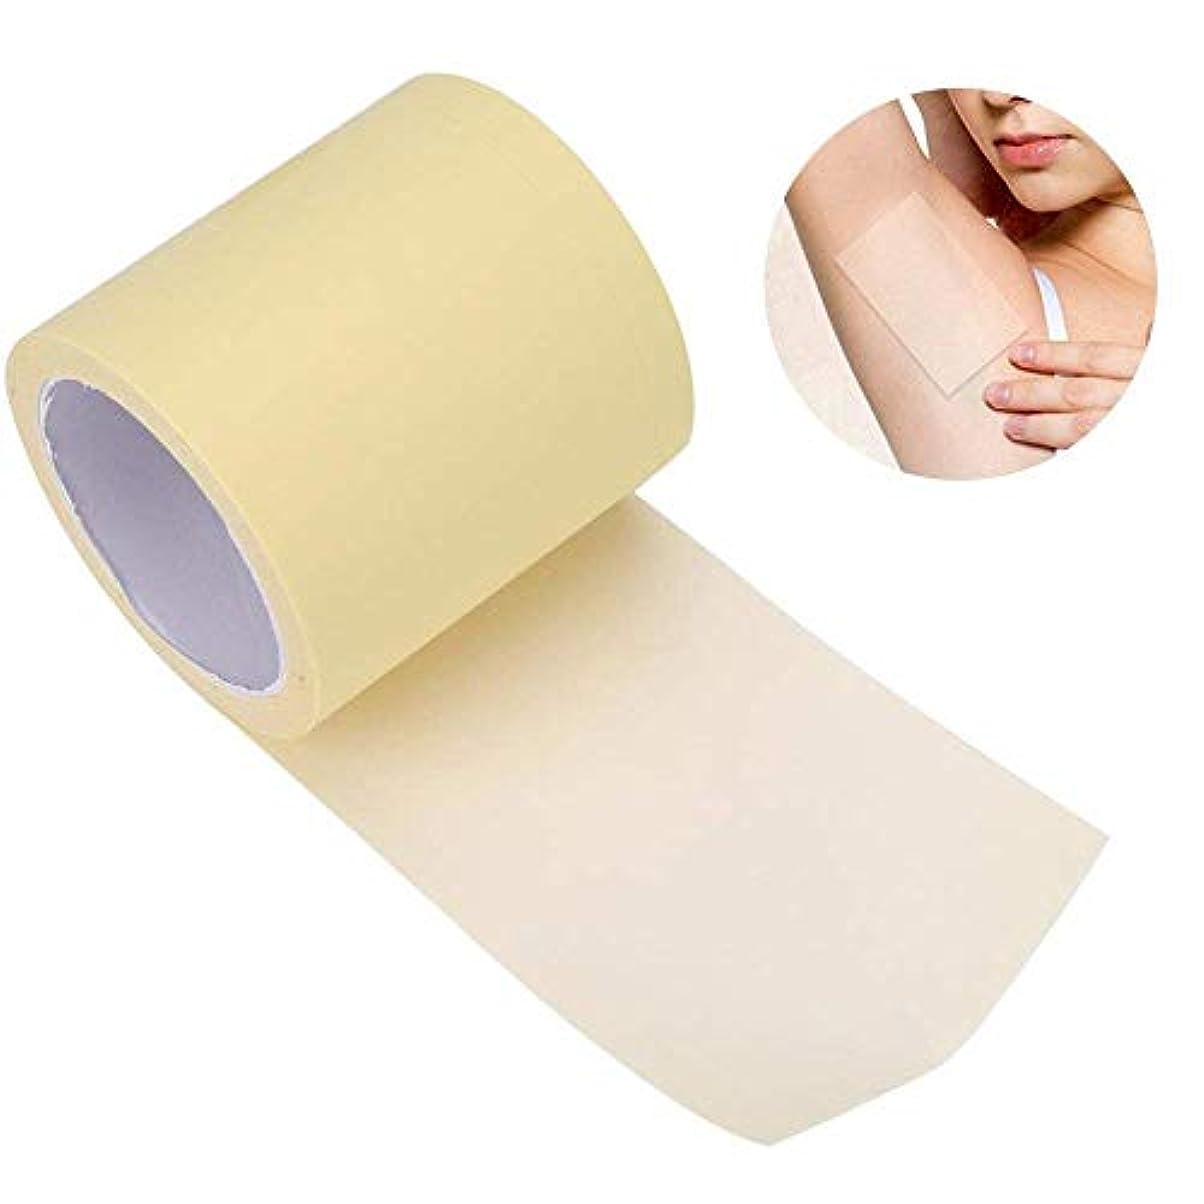 ぼかす悪意のある熟考する脇の下汗パッド 汗止めパッド 皮膚に優しい 脇の汗染み防止 抗菌加工 皮膚に優しい 男性/女性対応 透明 全長6m 脇の下